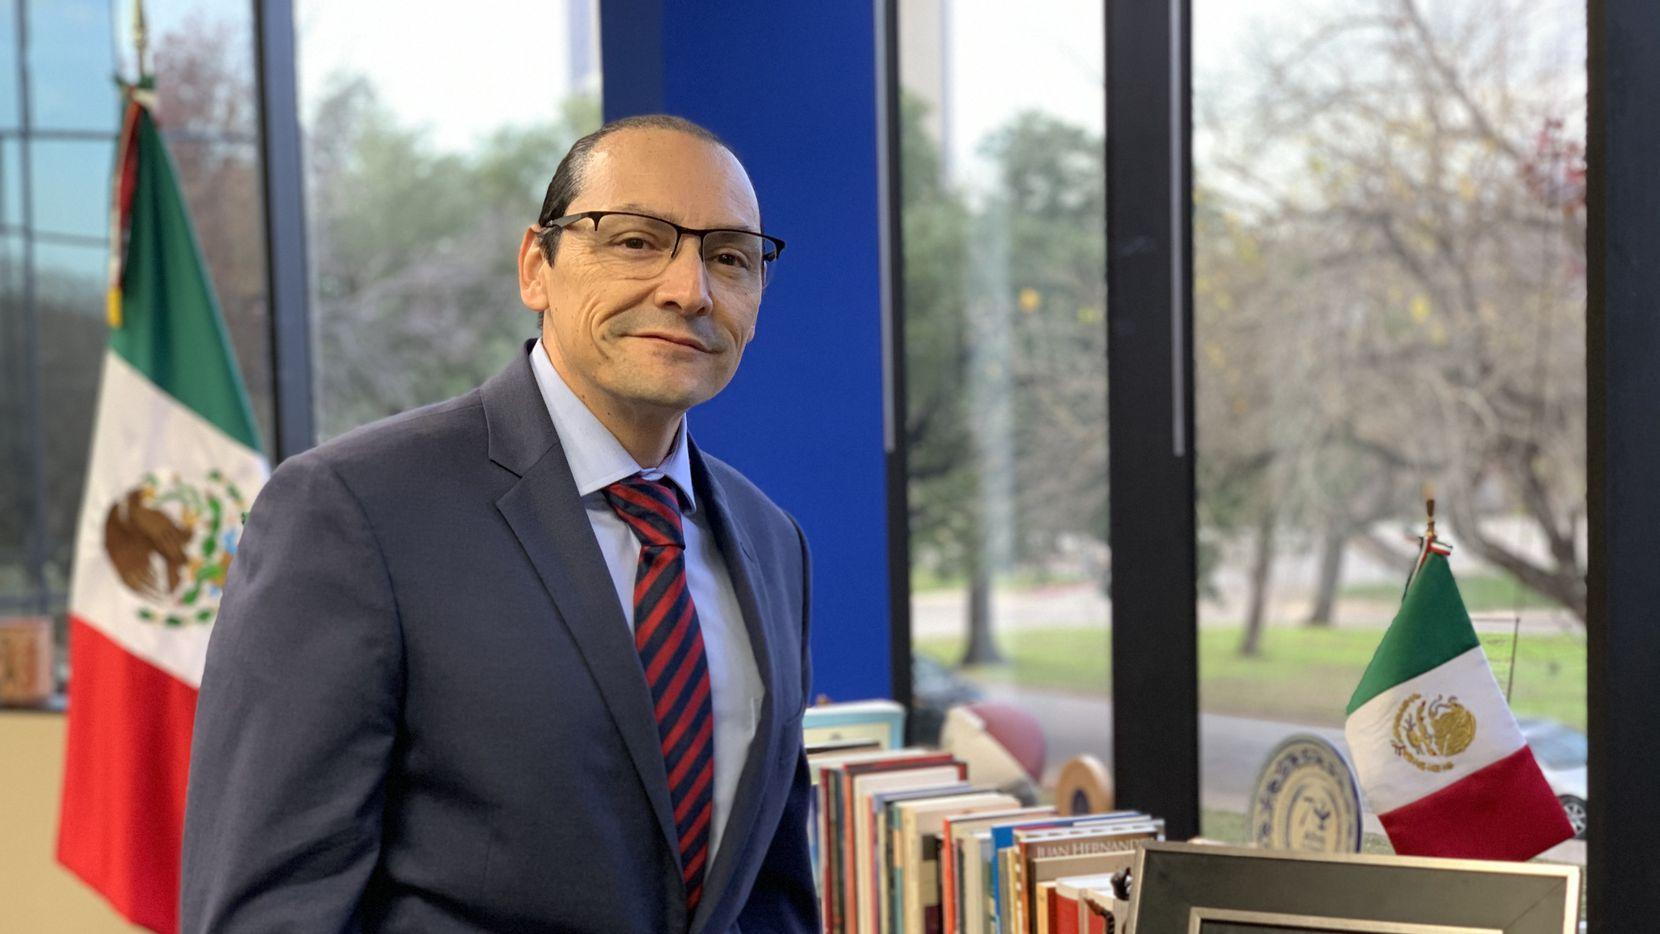 Francisco de la Torre, cónsul general de México en Dallas, pidió a los mexicanos unirse en la colecta para juntar fondos y poder apoyar a más jóvenes a tener educación universitaria en los Estados Unidos.